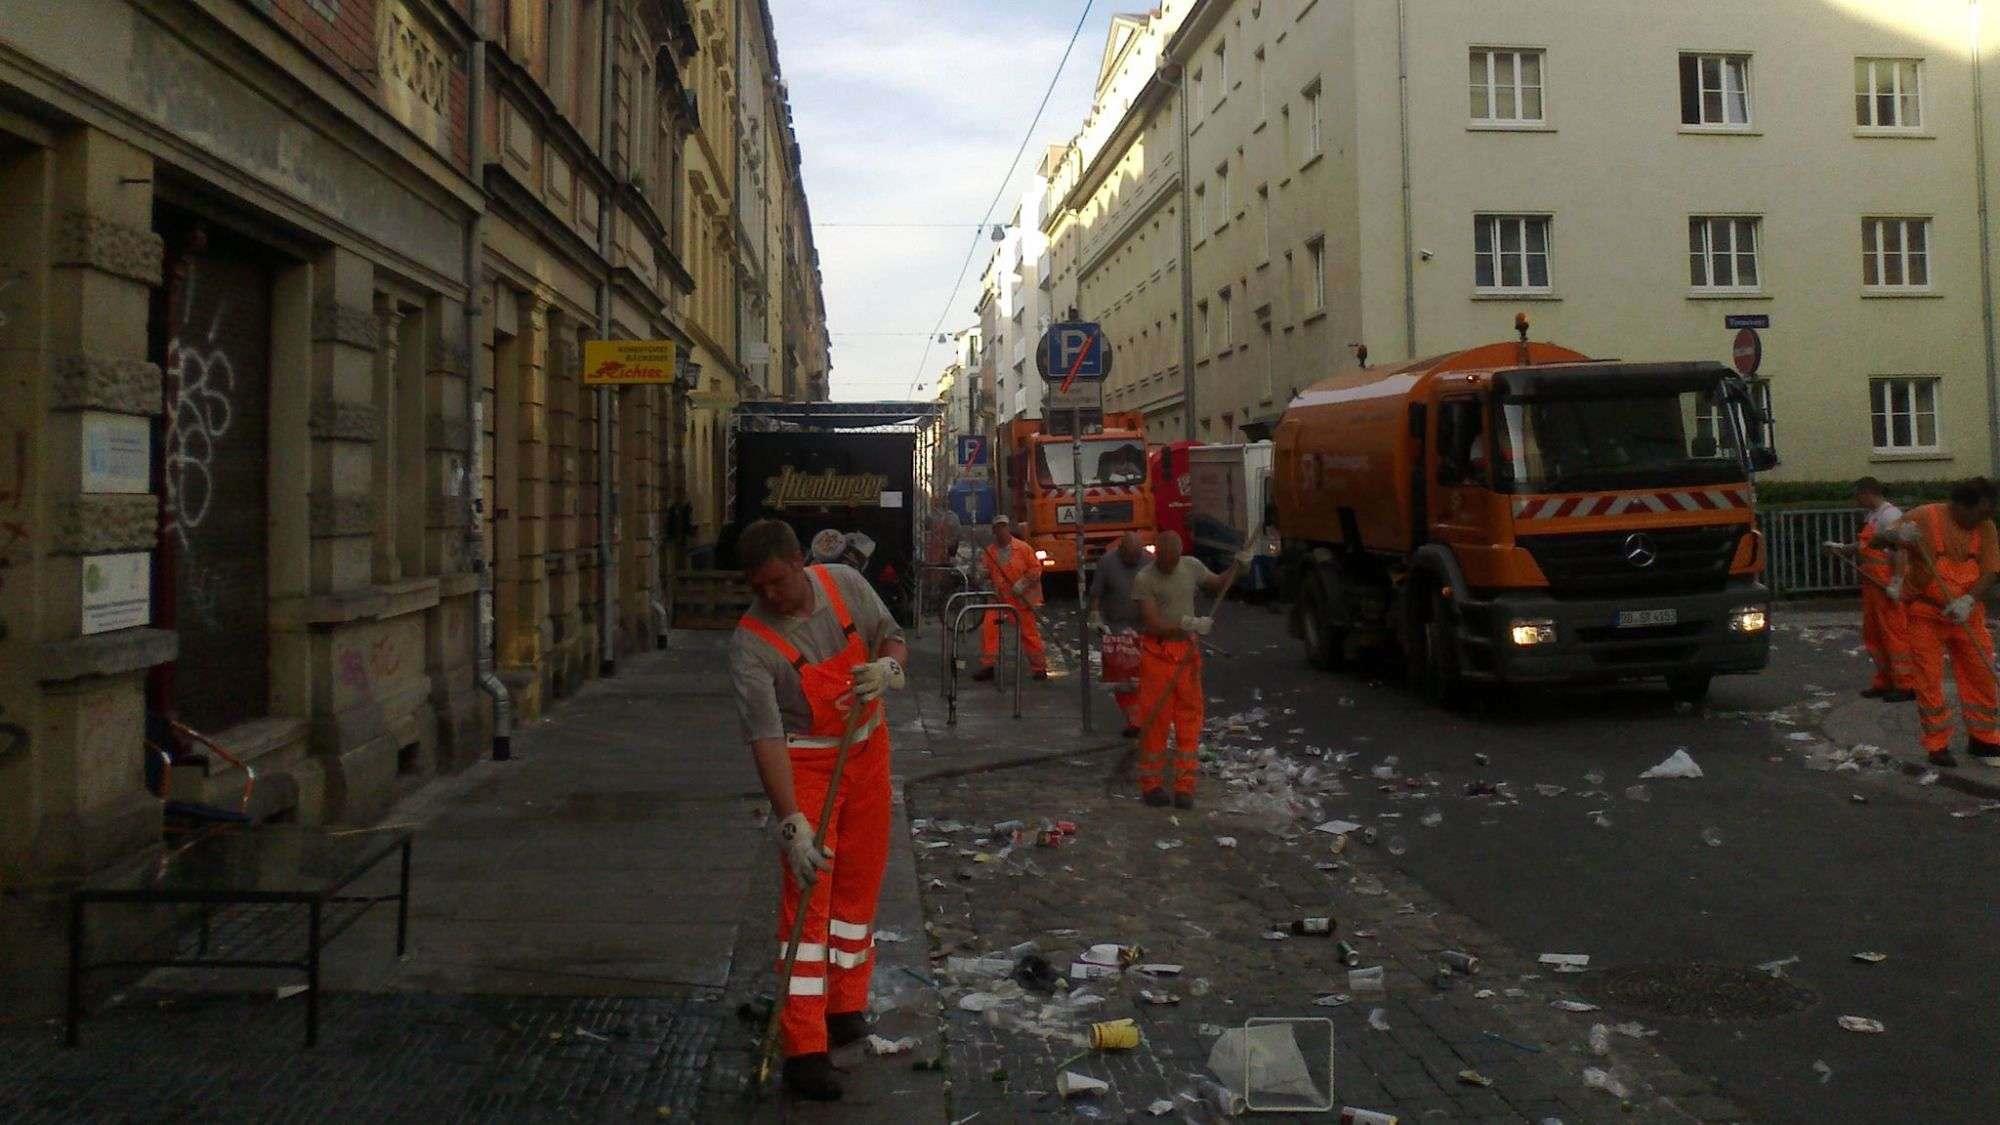 Stadtreinigung auf der Alaunstraße, heute früh 7 Uhr.